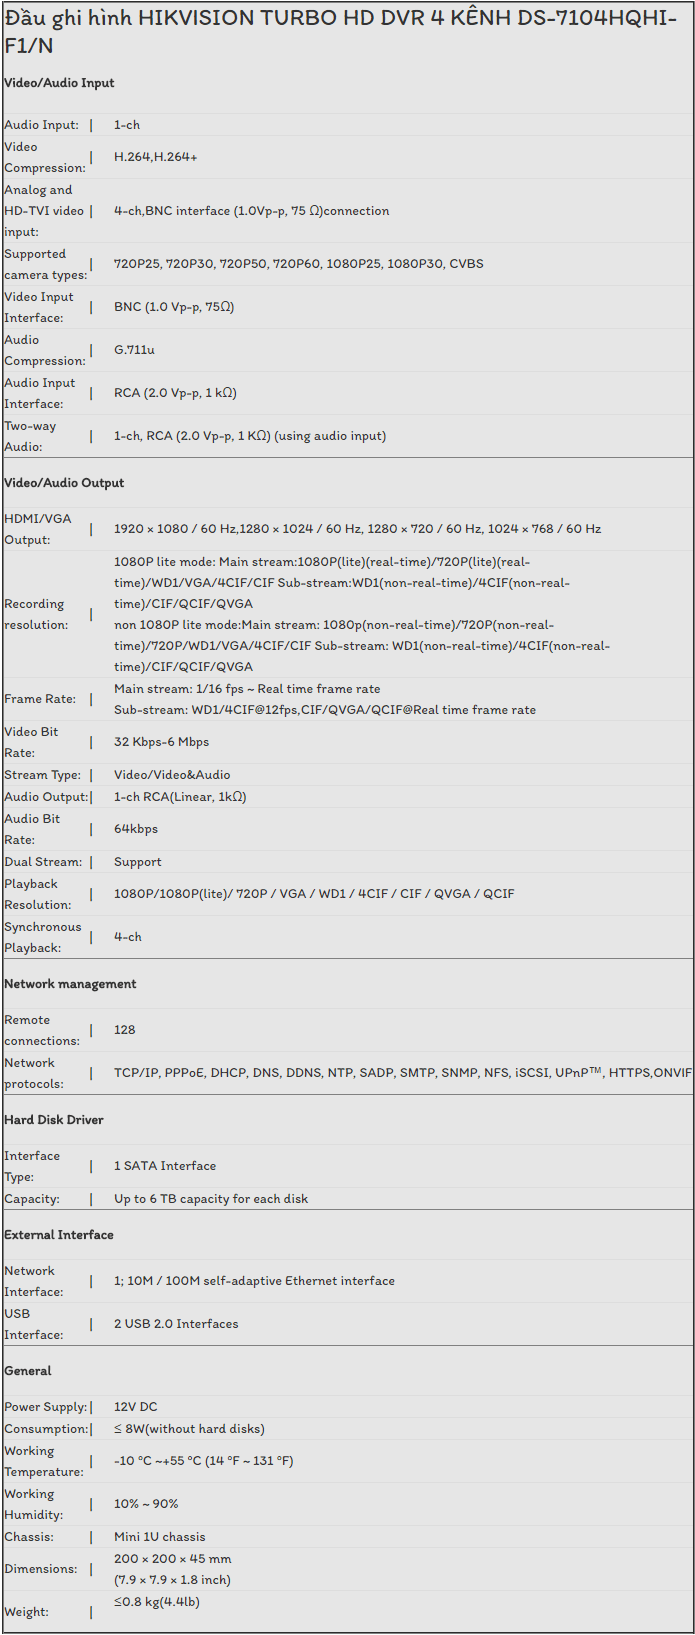 Đầu Ghi Hình HIKVISION TURBO HD DVR 4 KÊNH DS-7104HQHI-F1/N